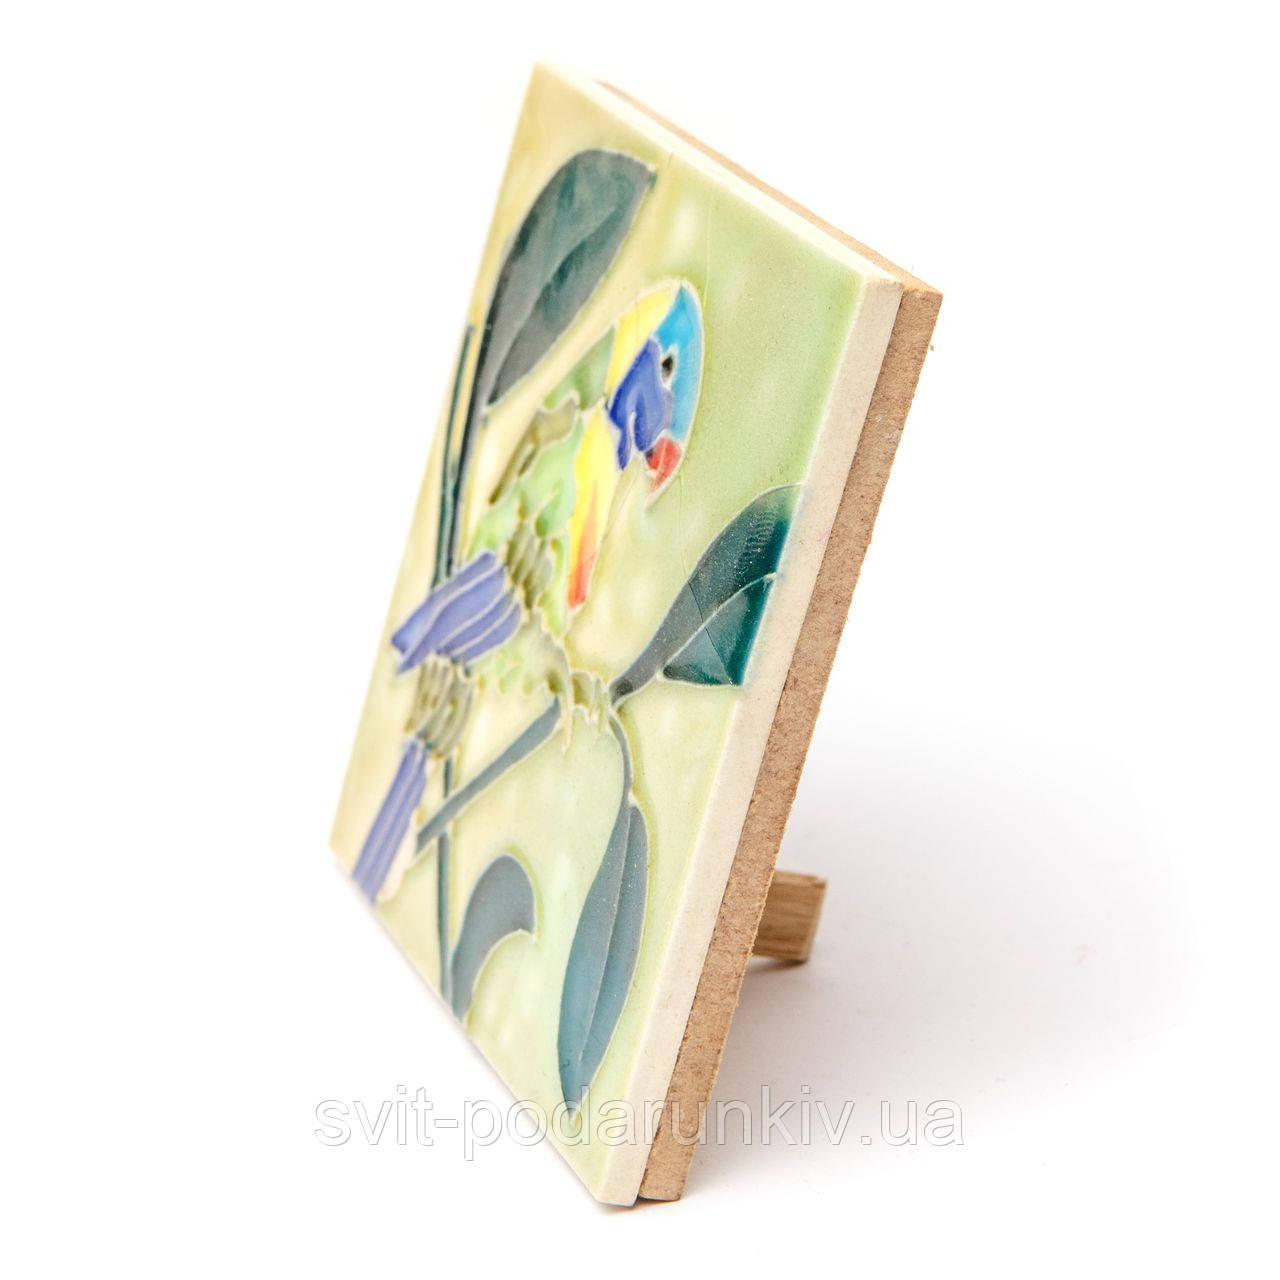 картина на керамической плитке